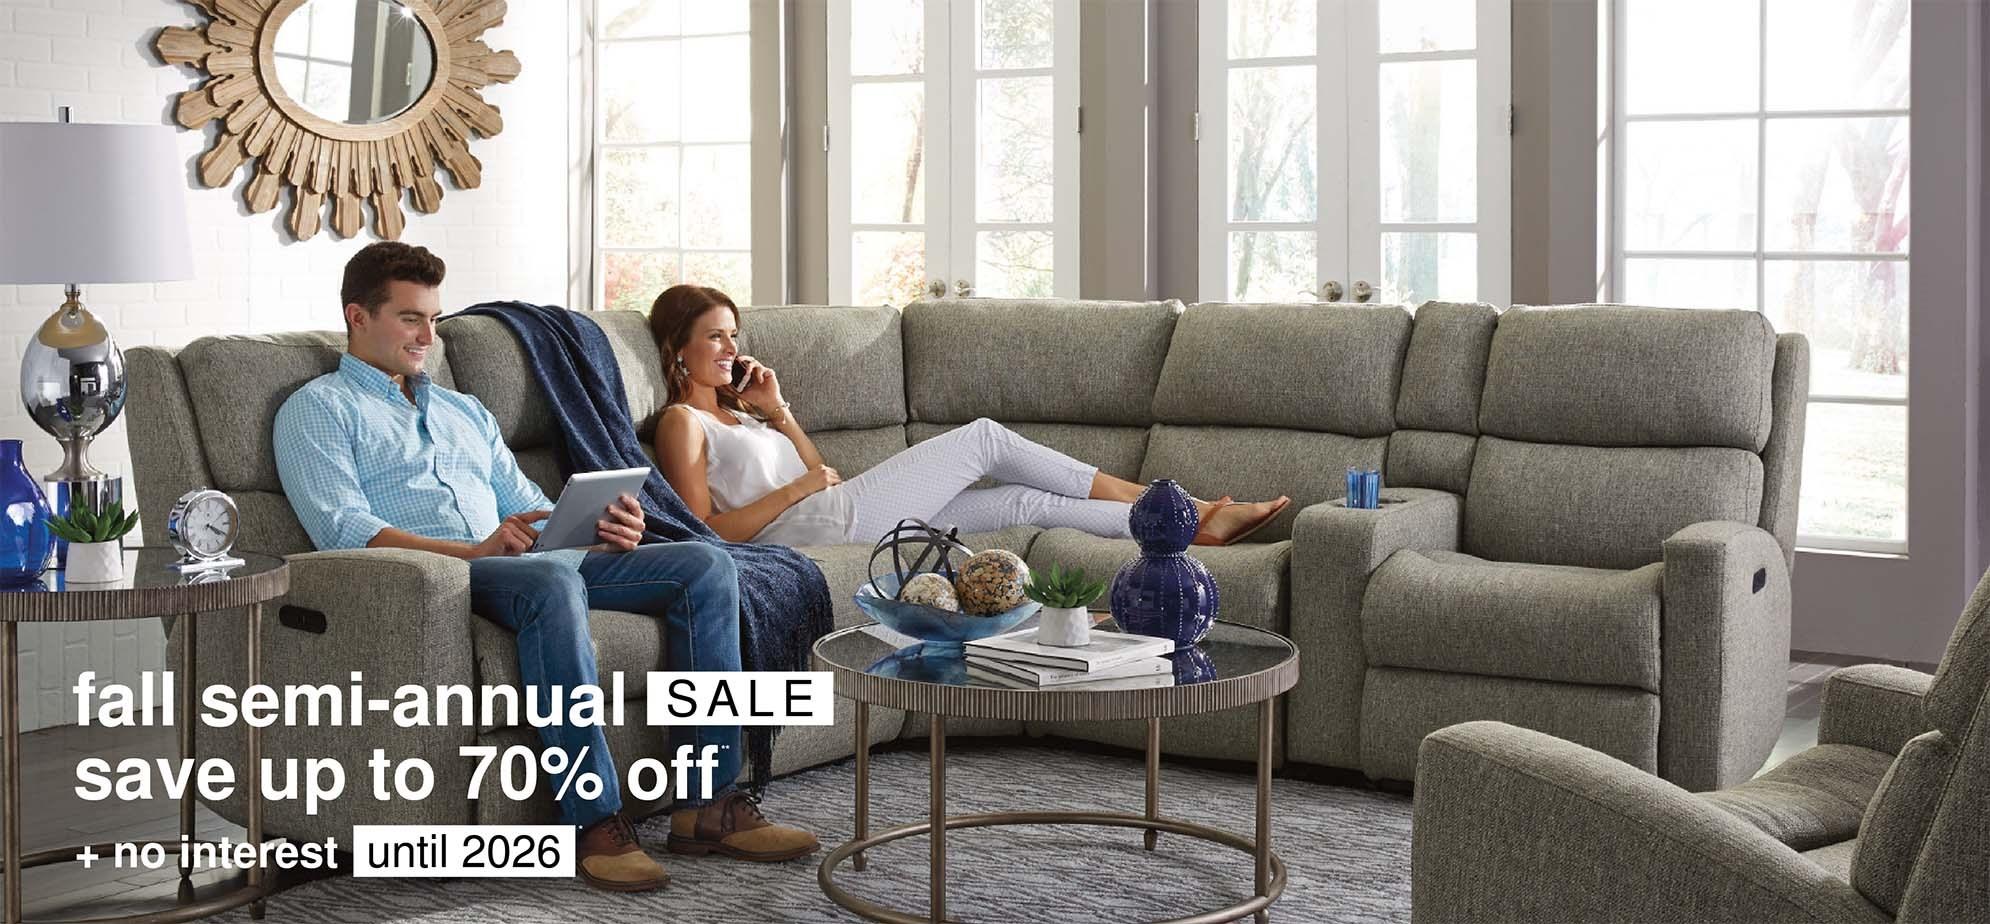 Furniture at VC Furniture & Mattress